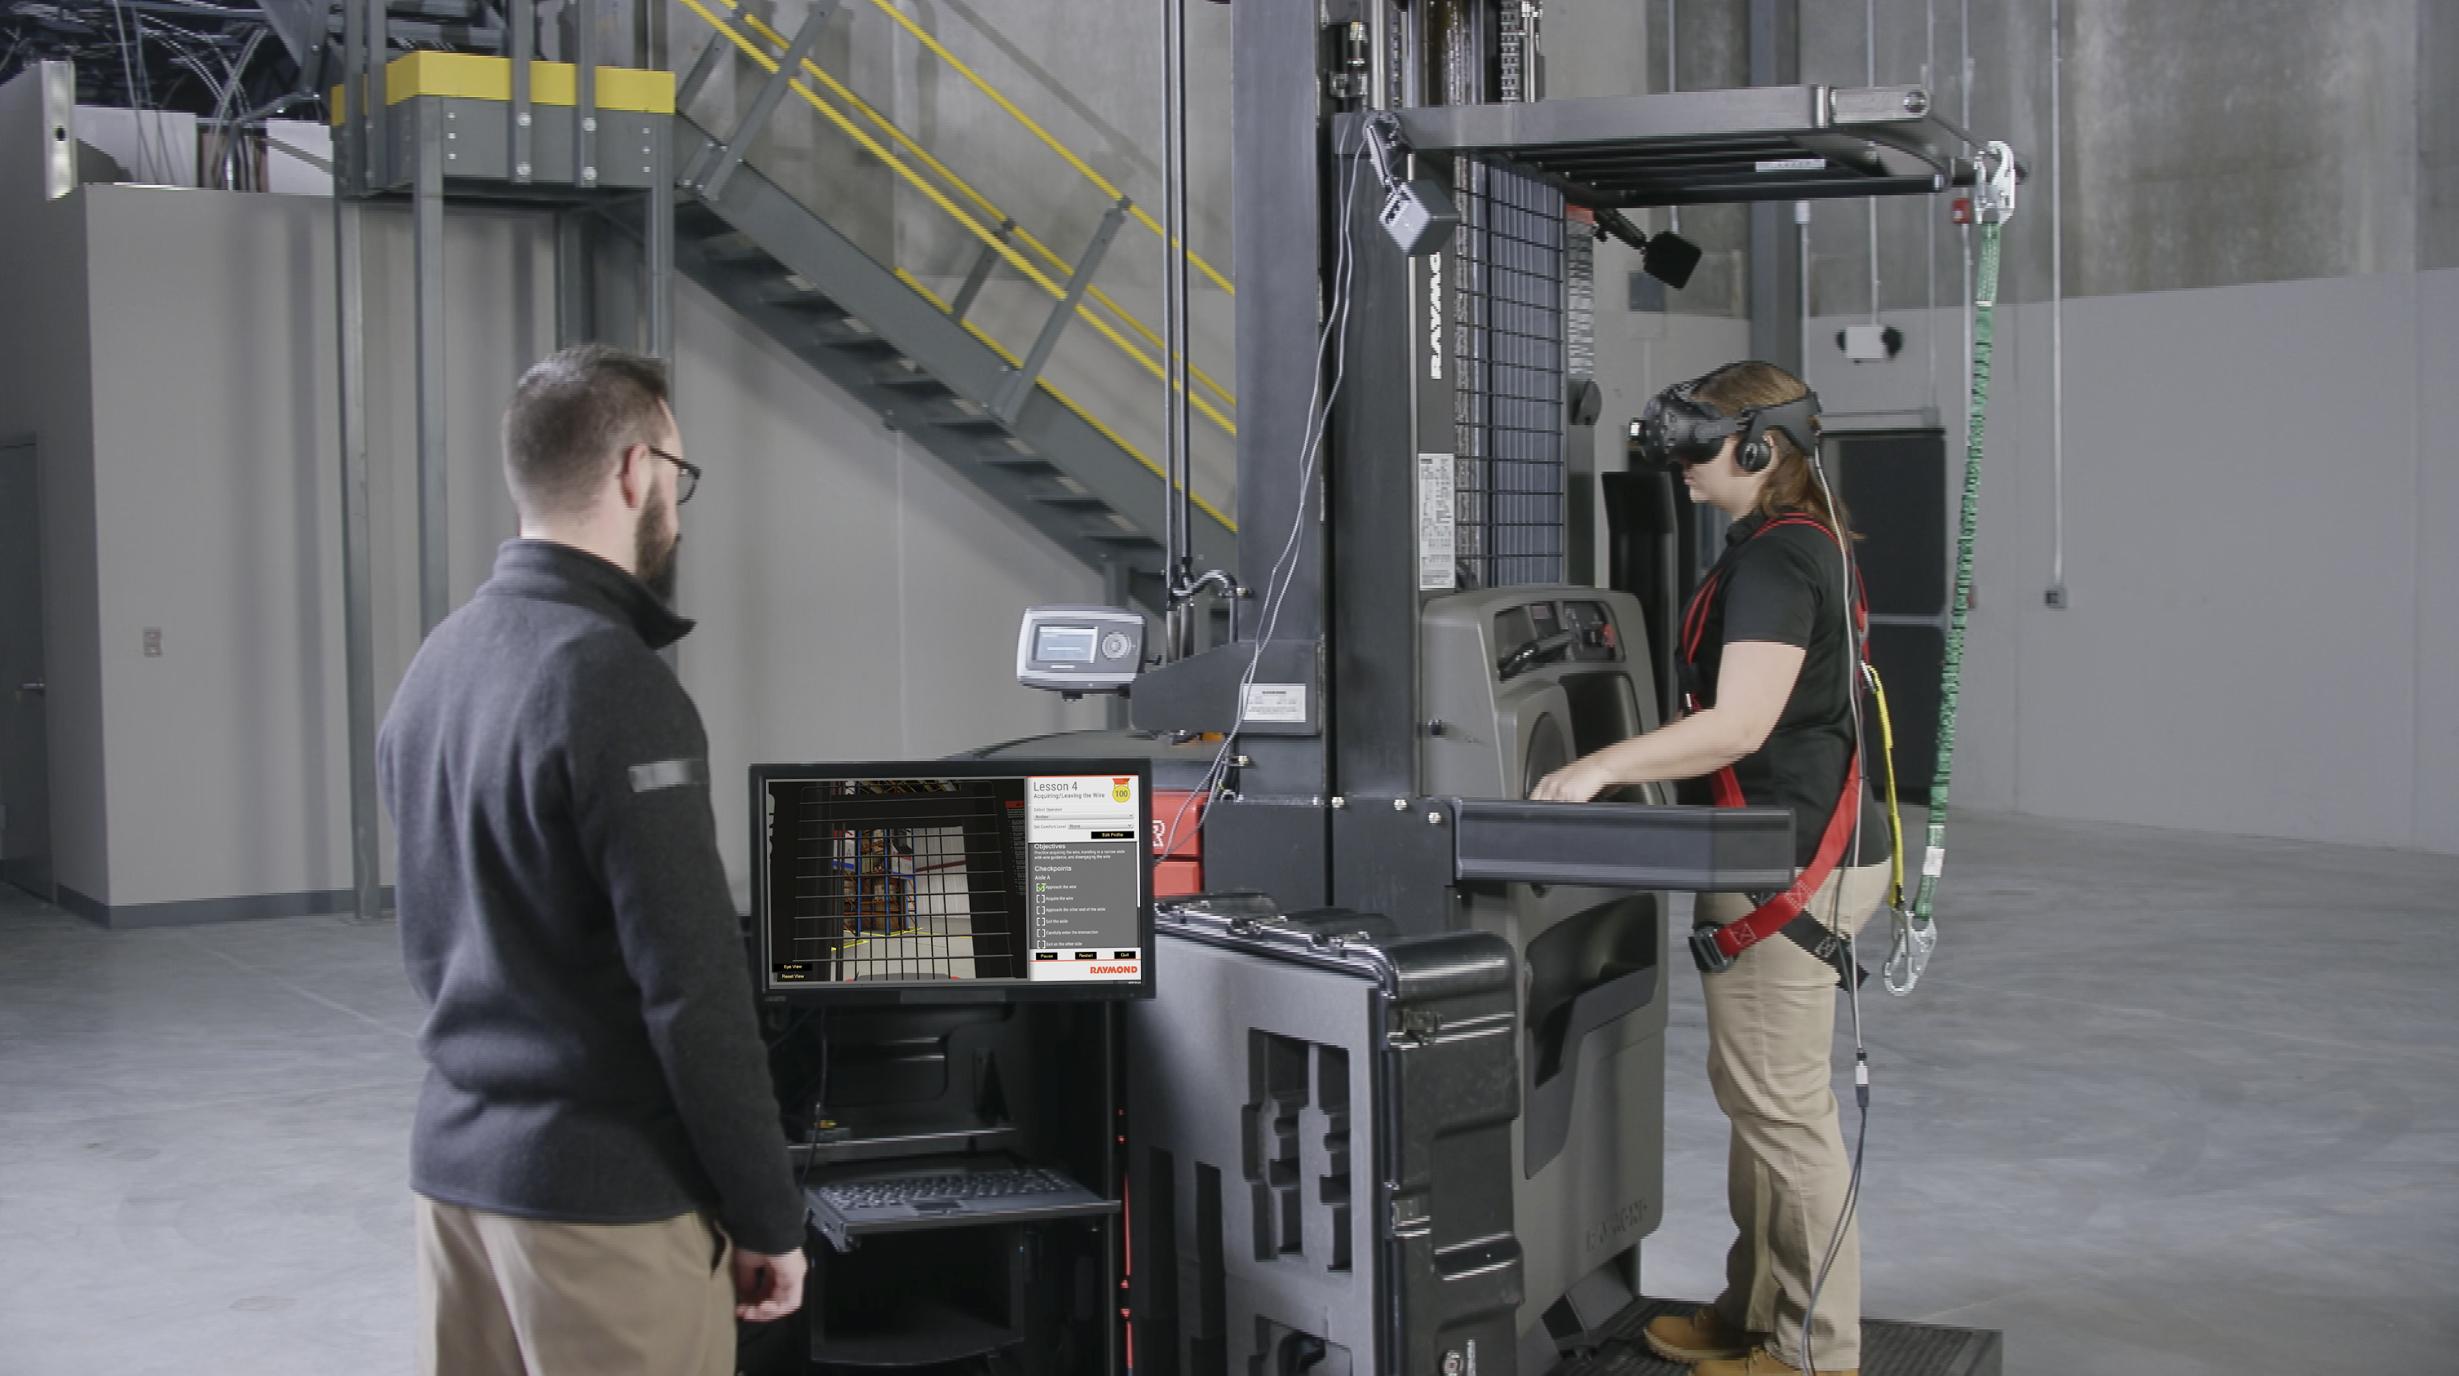 HTC Debuts $1,399 Vive Pro 2 0 Virtual Reality Kit in